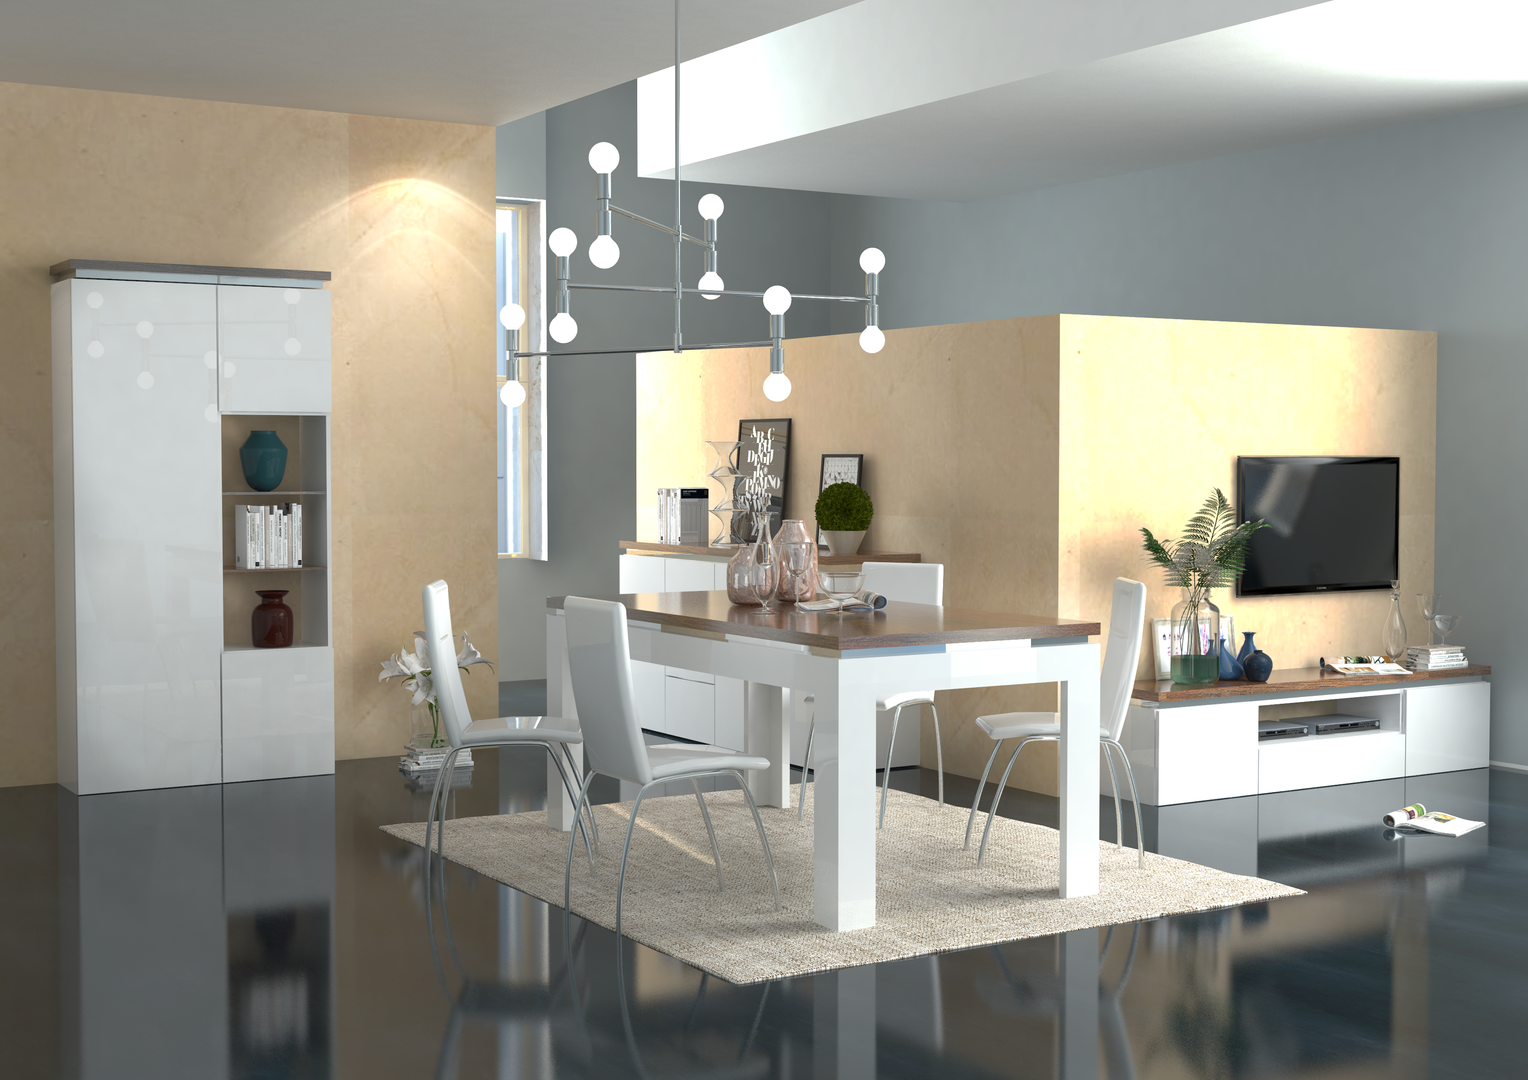 Mobile porta tv bianco messico per soggiorno moderno elegante for Arredamento moderno elegante